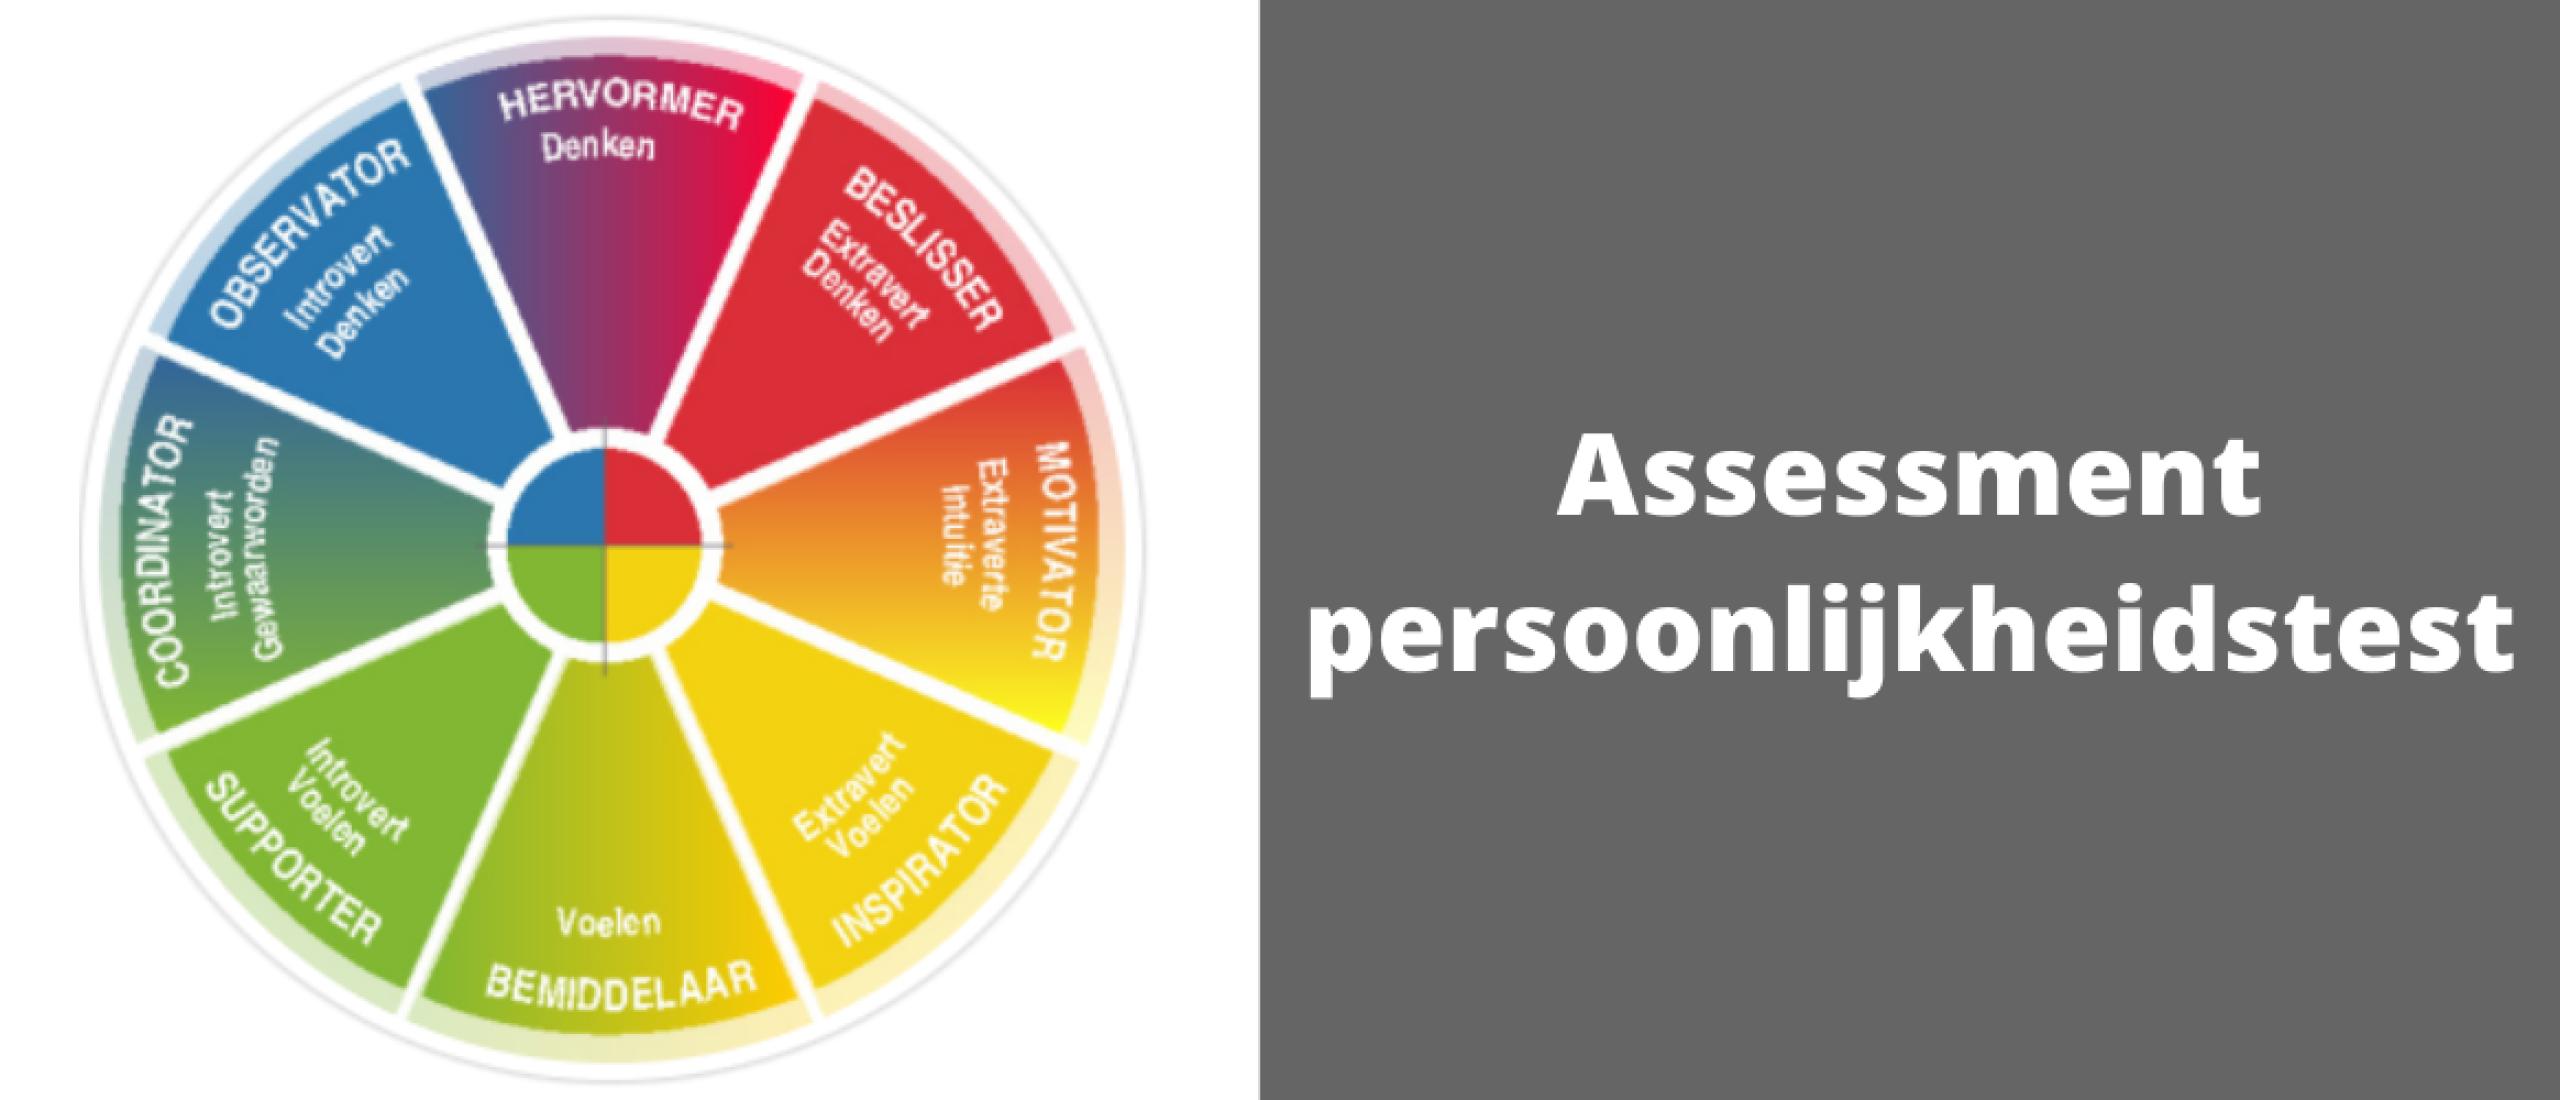 Assessment persoonlijkheidstest